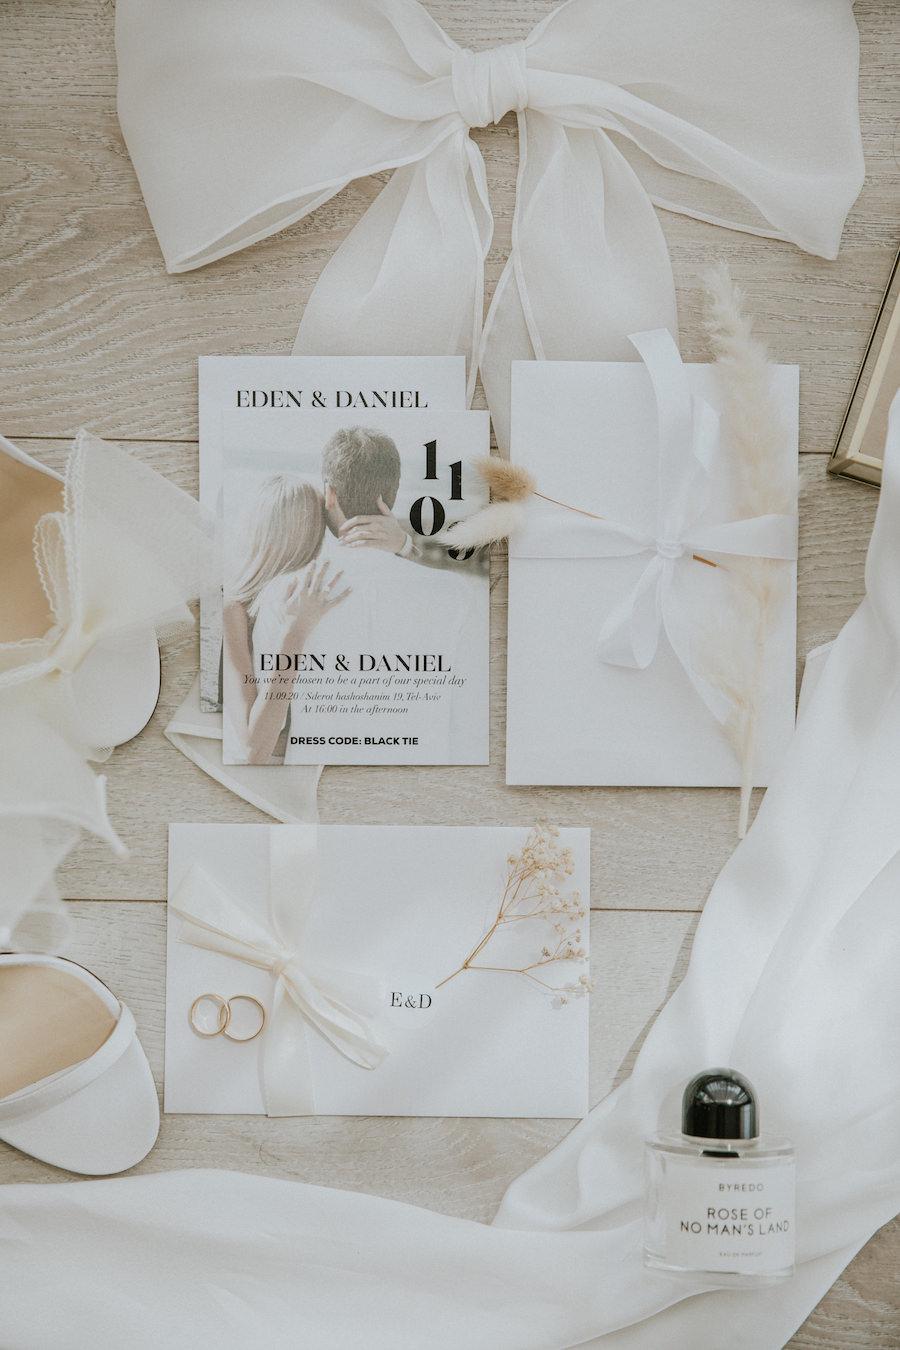 פאוור קאפל: החתונה של הפאשניסטה ויזם הנדל״ן